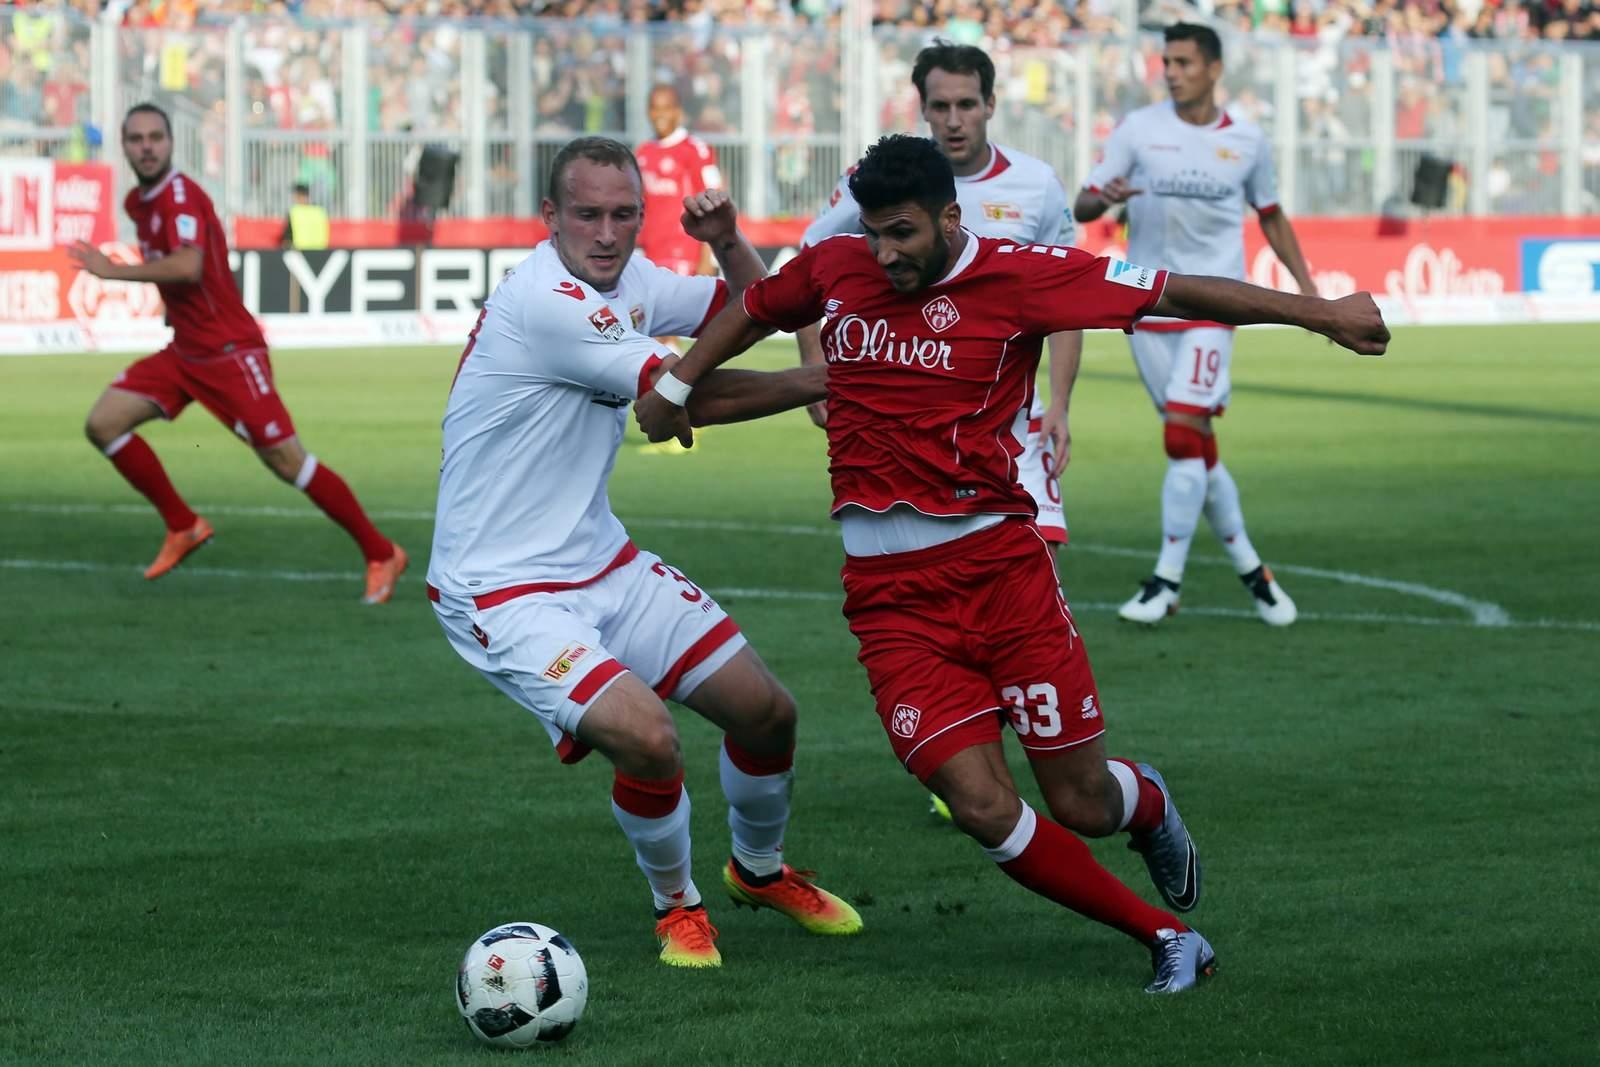 Kann Leistner wieder Soriano stoppen? Jetzt auf Union Berlin gegen Würzburger Kickers wetten